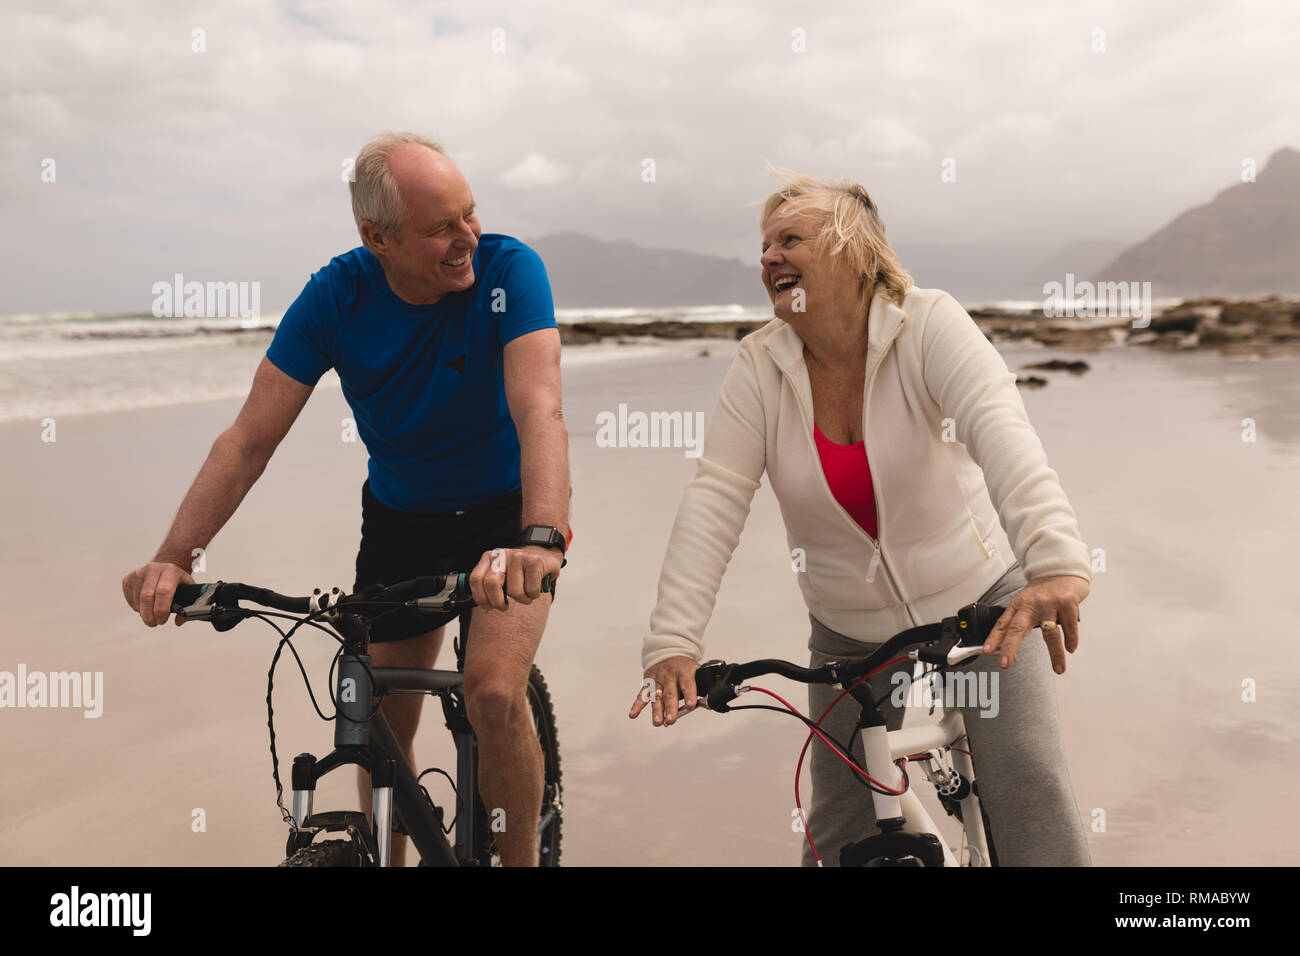 Senior couple riding a bicycle de bonne humeur sur la plage Photo Stock